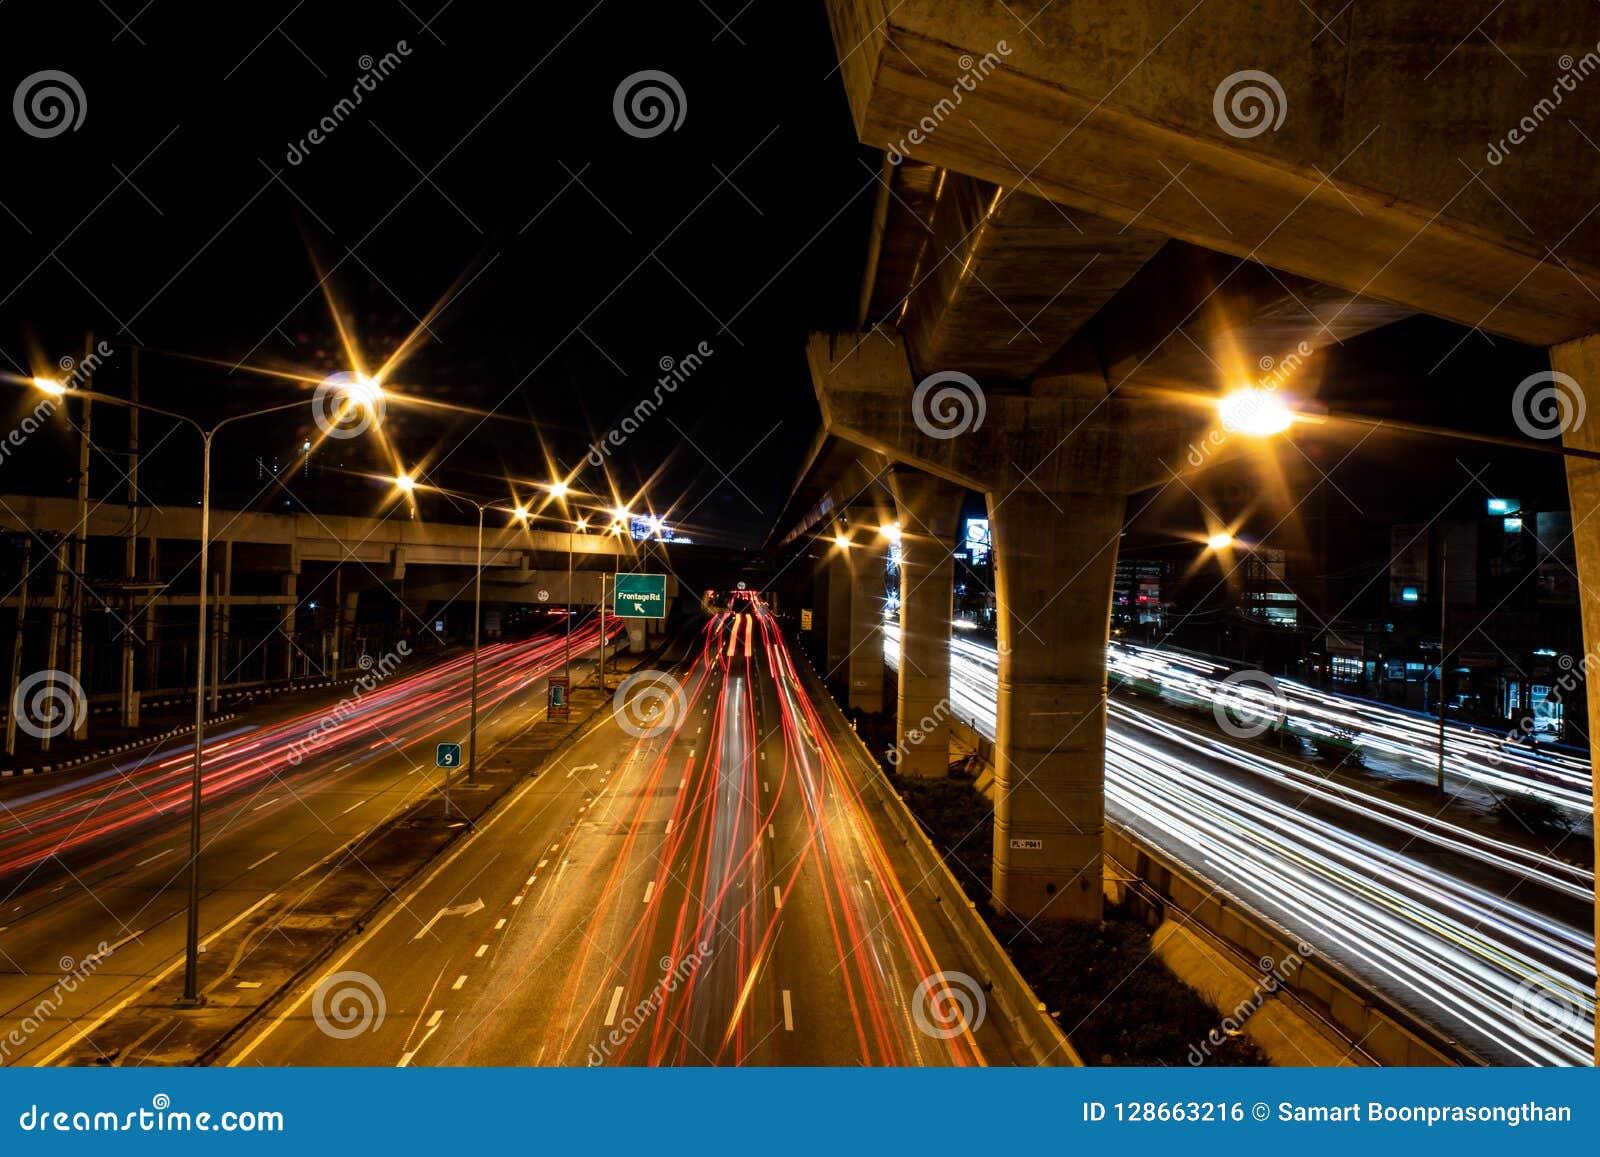 Las luces empañaron luces de coches en el camino